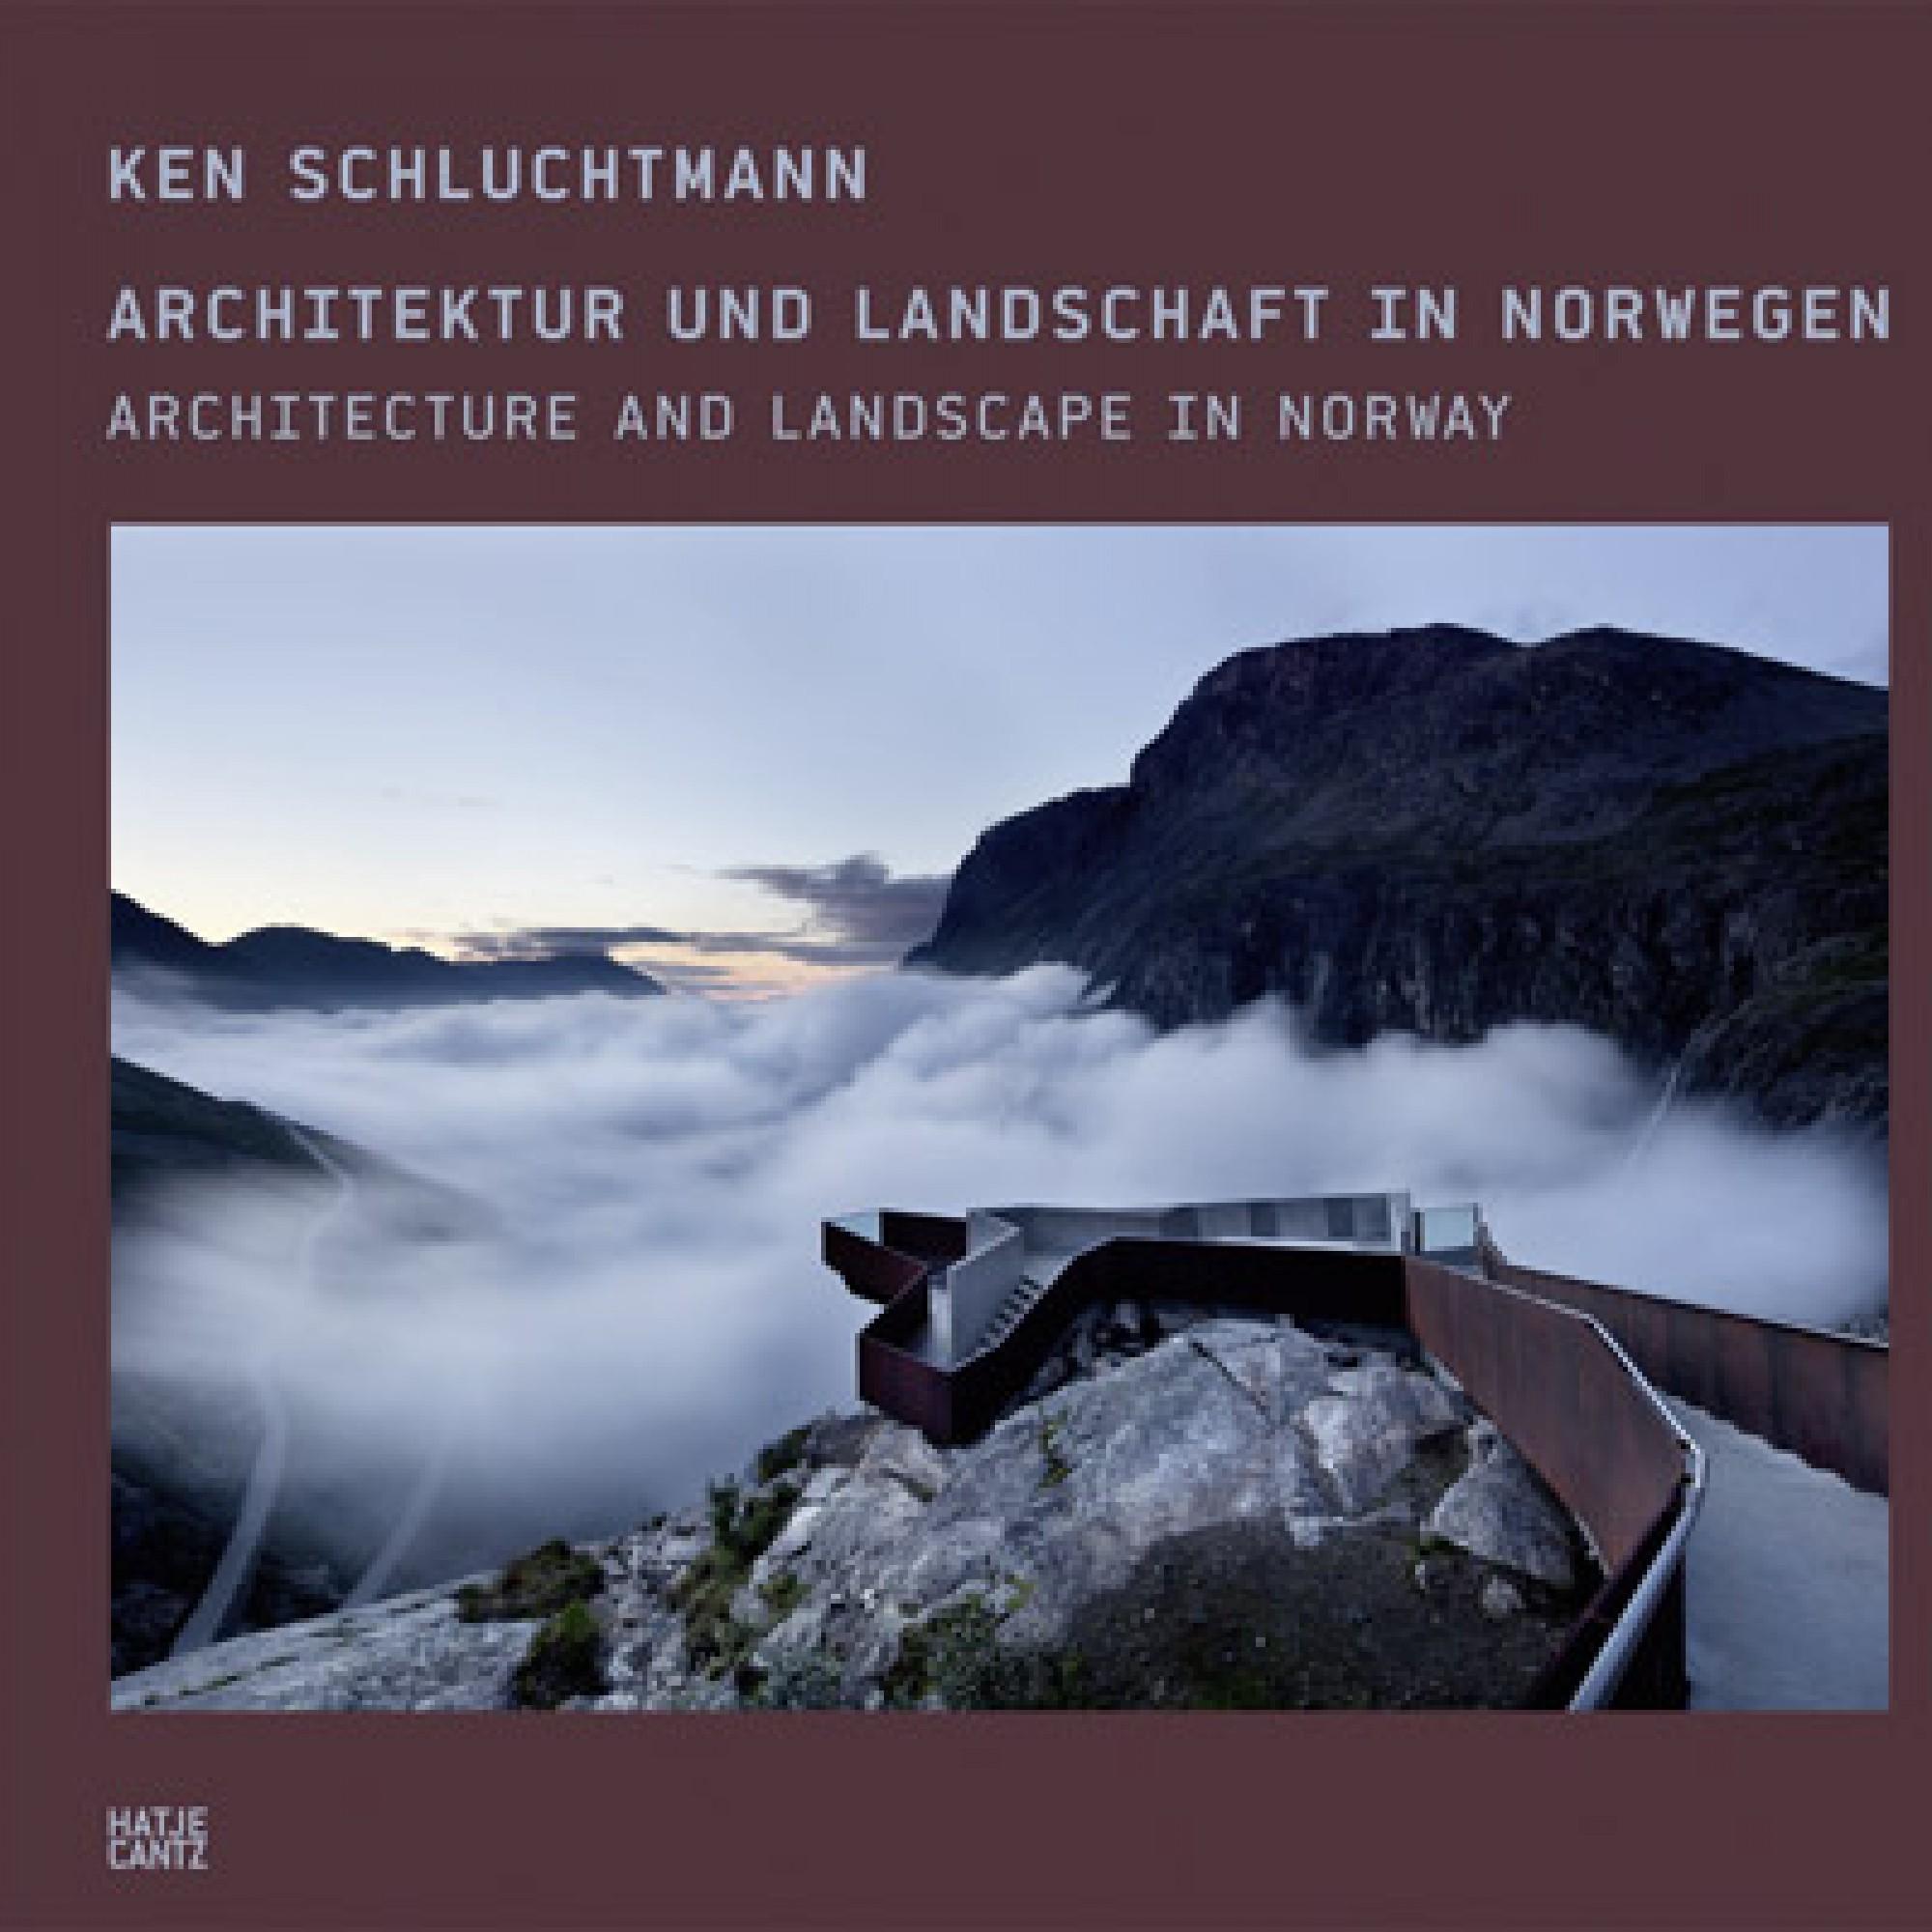 Ken Schluchtmann – Architektur und Landschaft in Norwegen